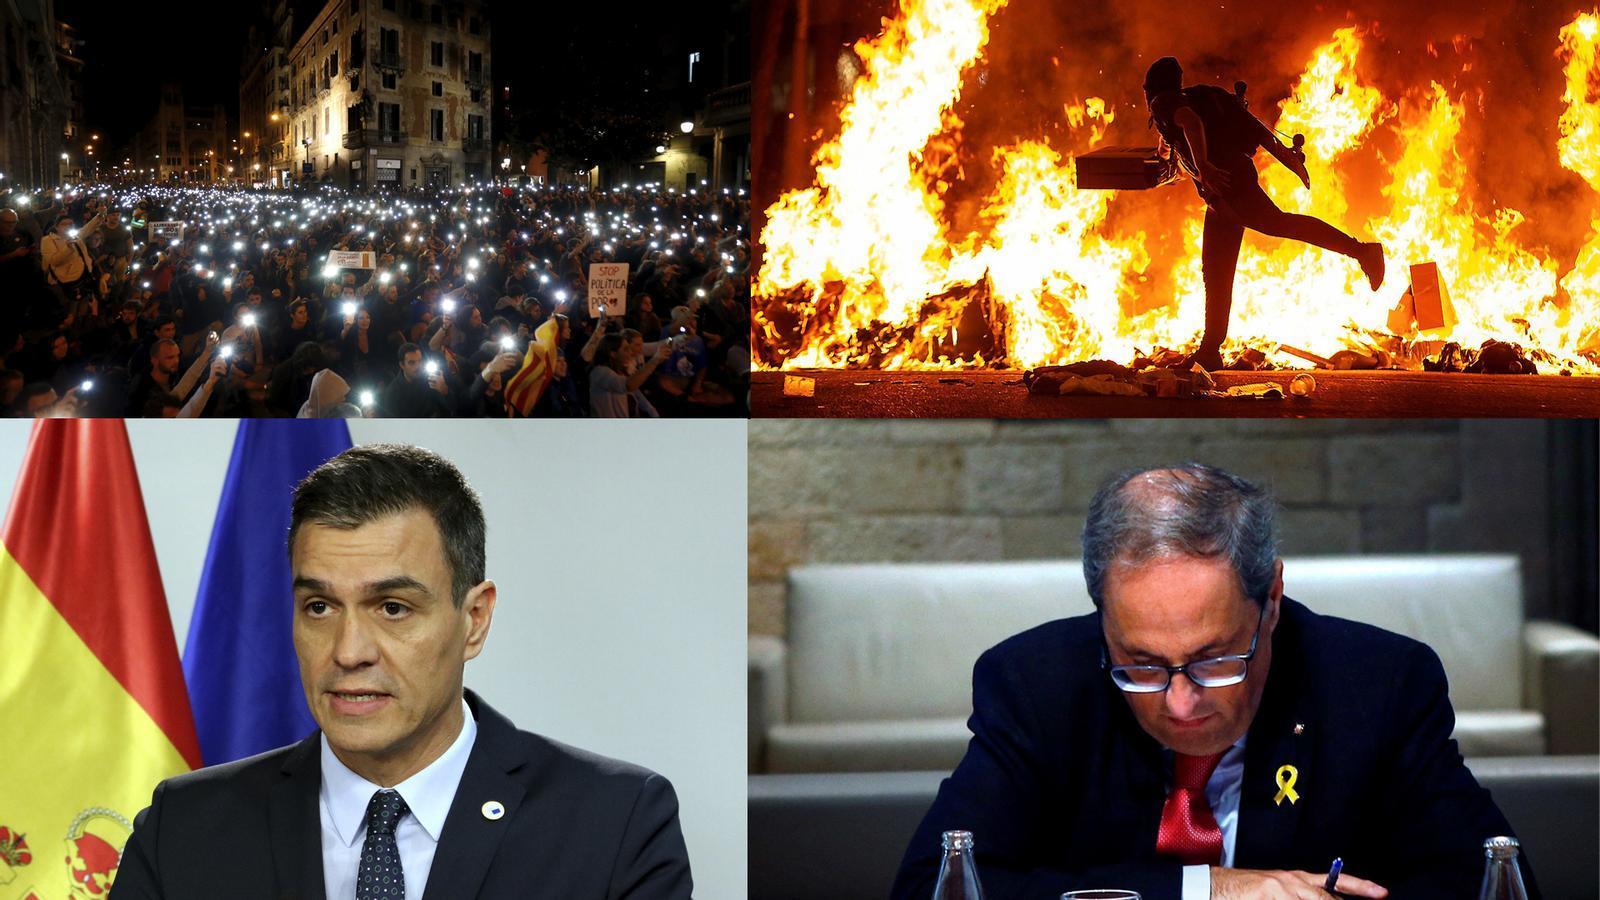 L'anàlisi d'Antoni Bassas: 'Causa justa al carrer, bloqueig polític electoral, desolació i esperança malgrat tot'